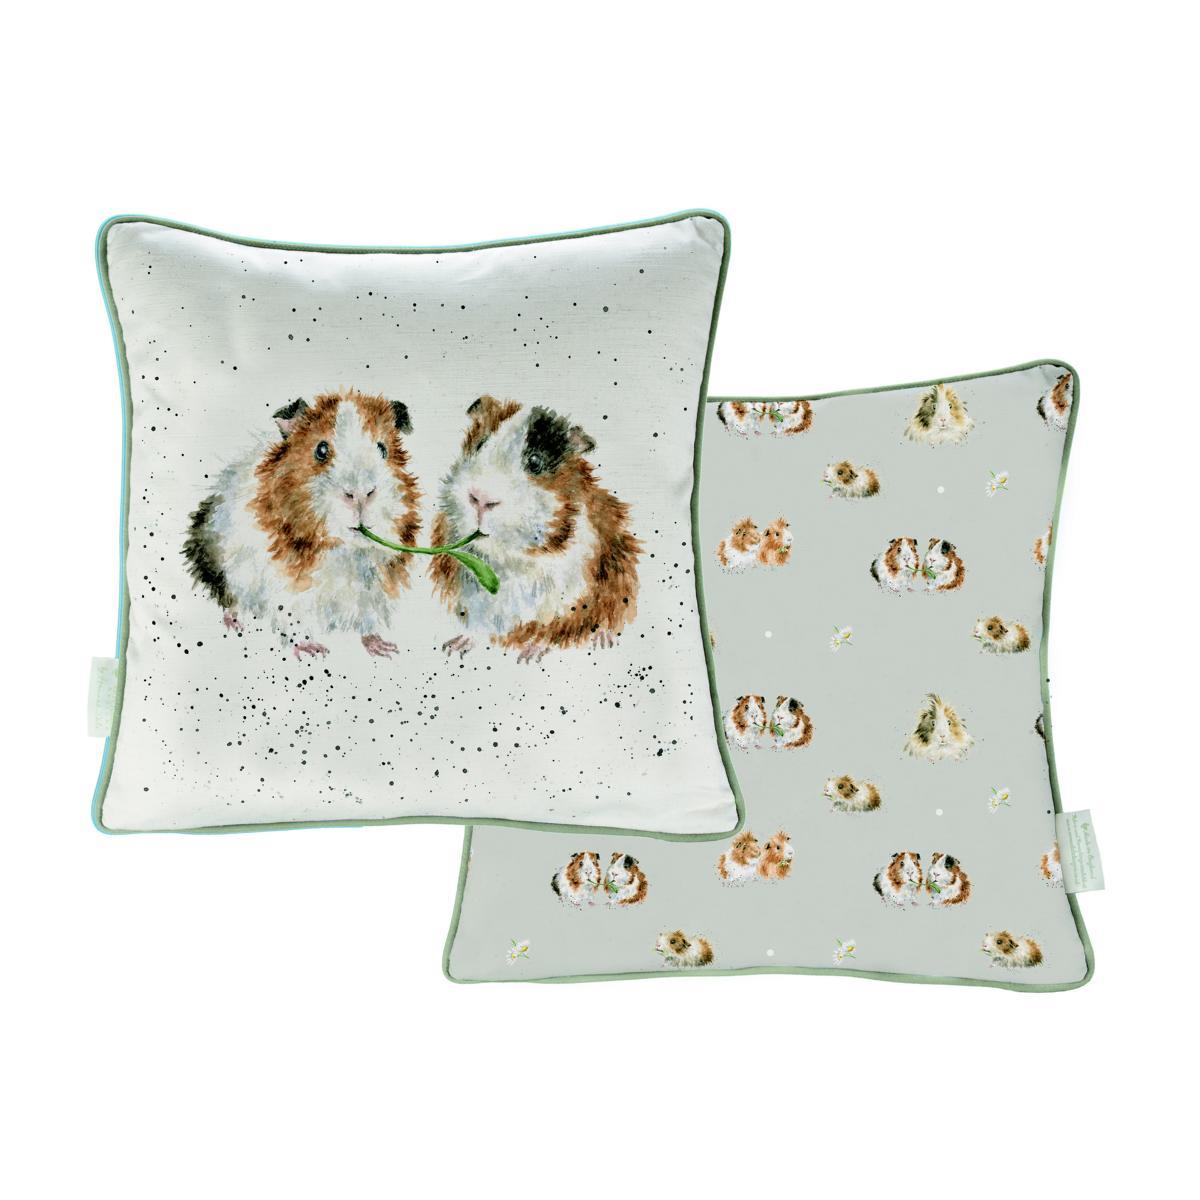 Wrendale Kissen inkl. Füllung, Motiv Meerschweinchen, 40x40 cm